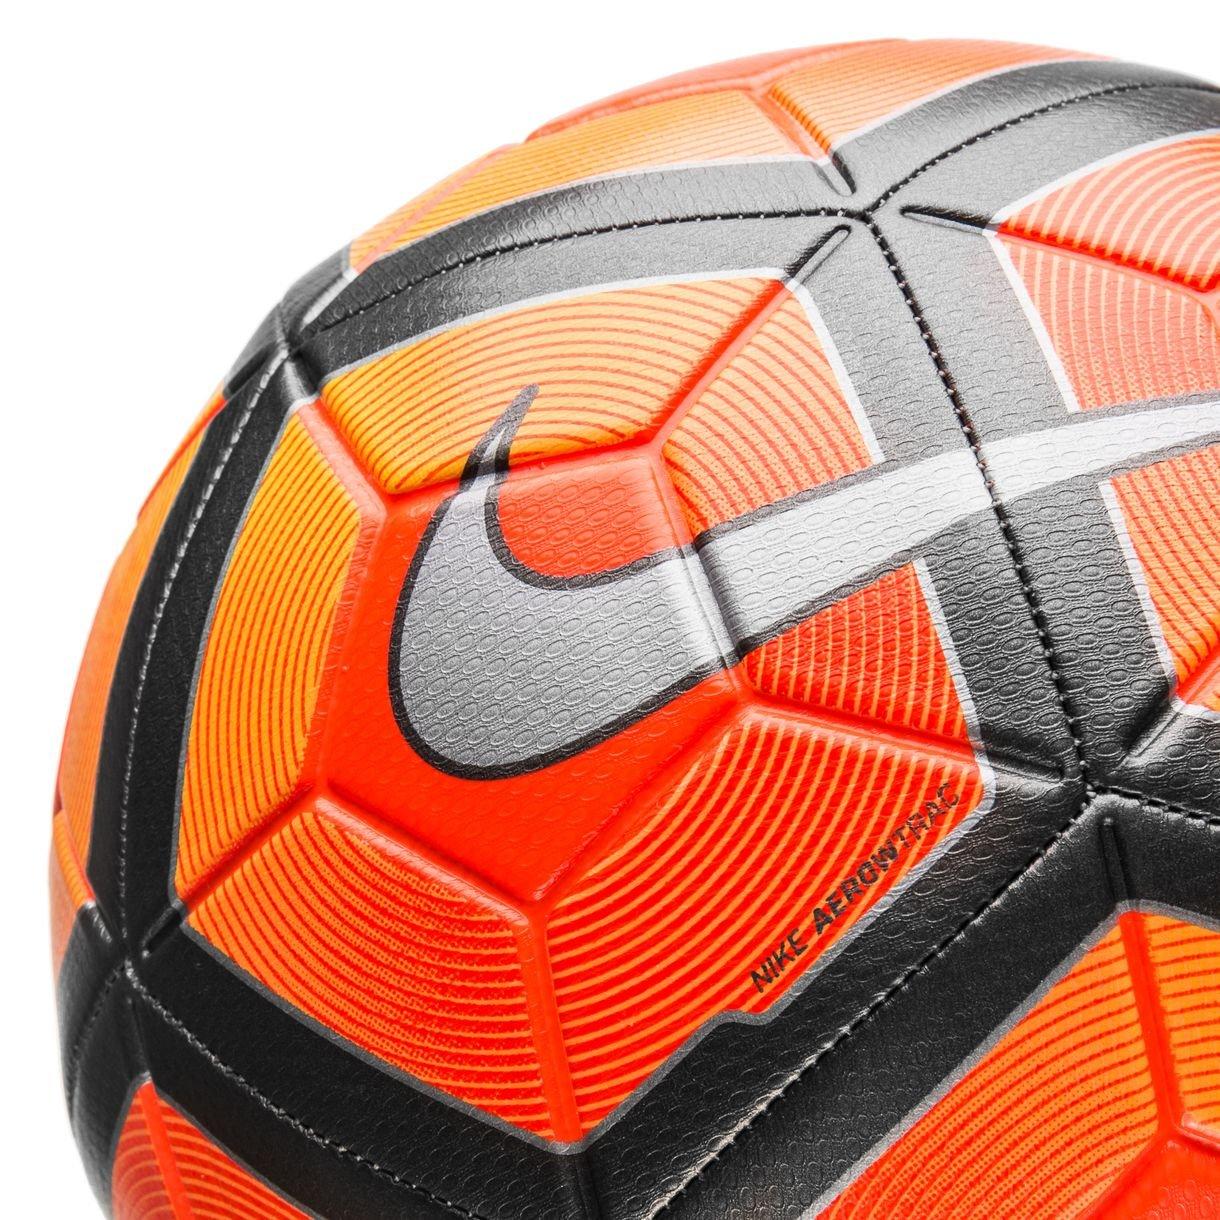 Nike Cr7 Nk Prstg Balón Línea Cristiano Ronaldo, Unisex Adulto, Naranja (Total Crimson/Tart/Silver), 5: Amazon.es: Deportes y aire libre